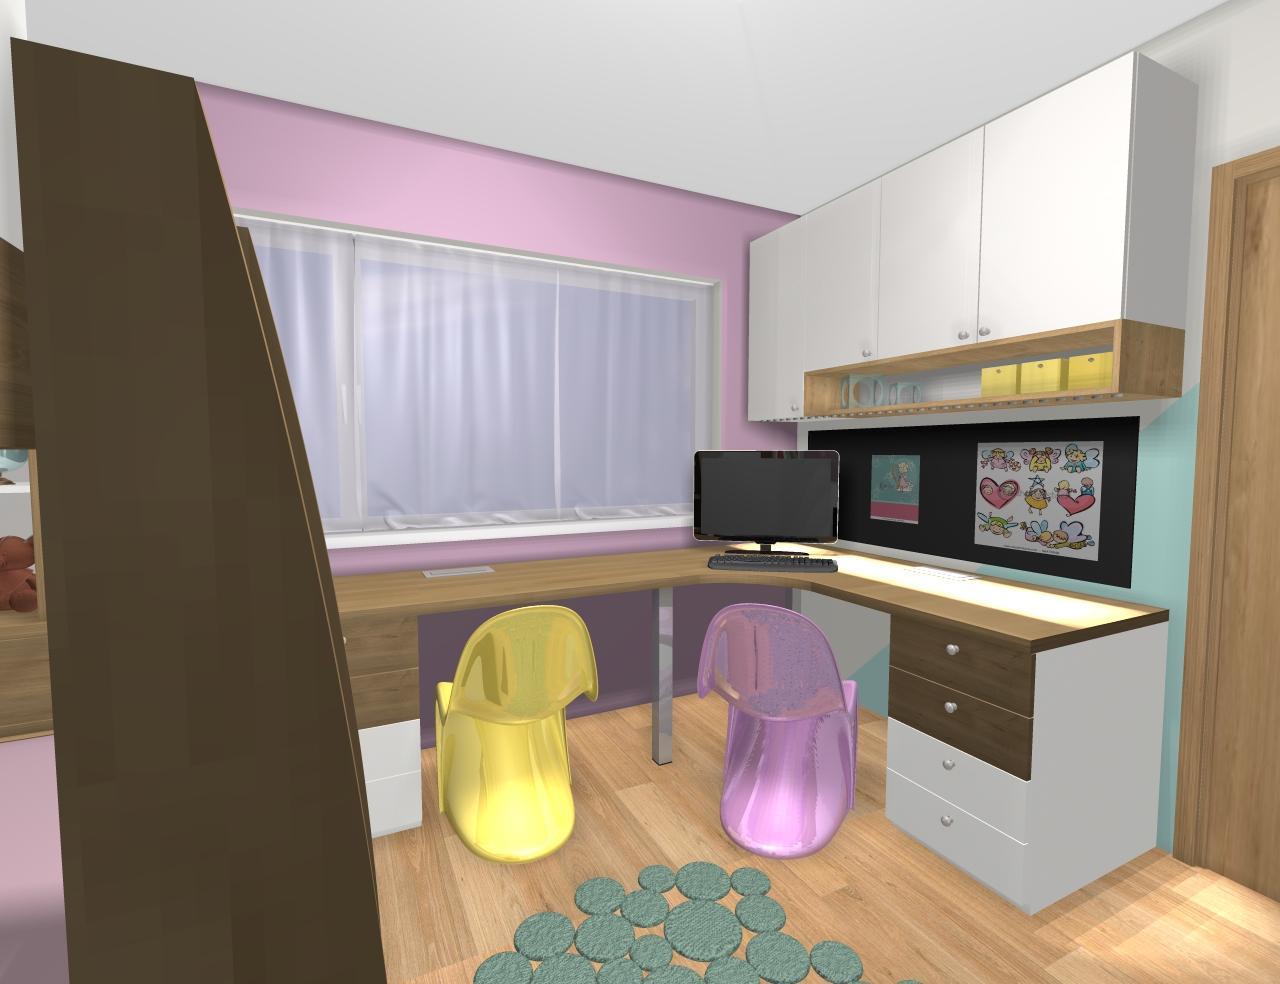 Grafické návrhy interiér 2019 - Grafický návrh detskej izby pre dve dievčatká - verzia 1 - obr.8